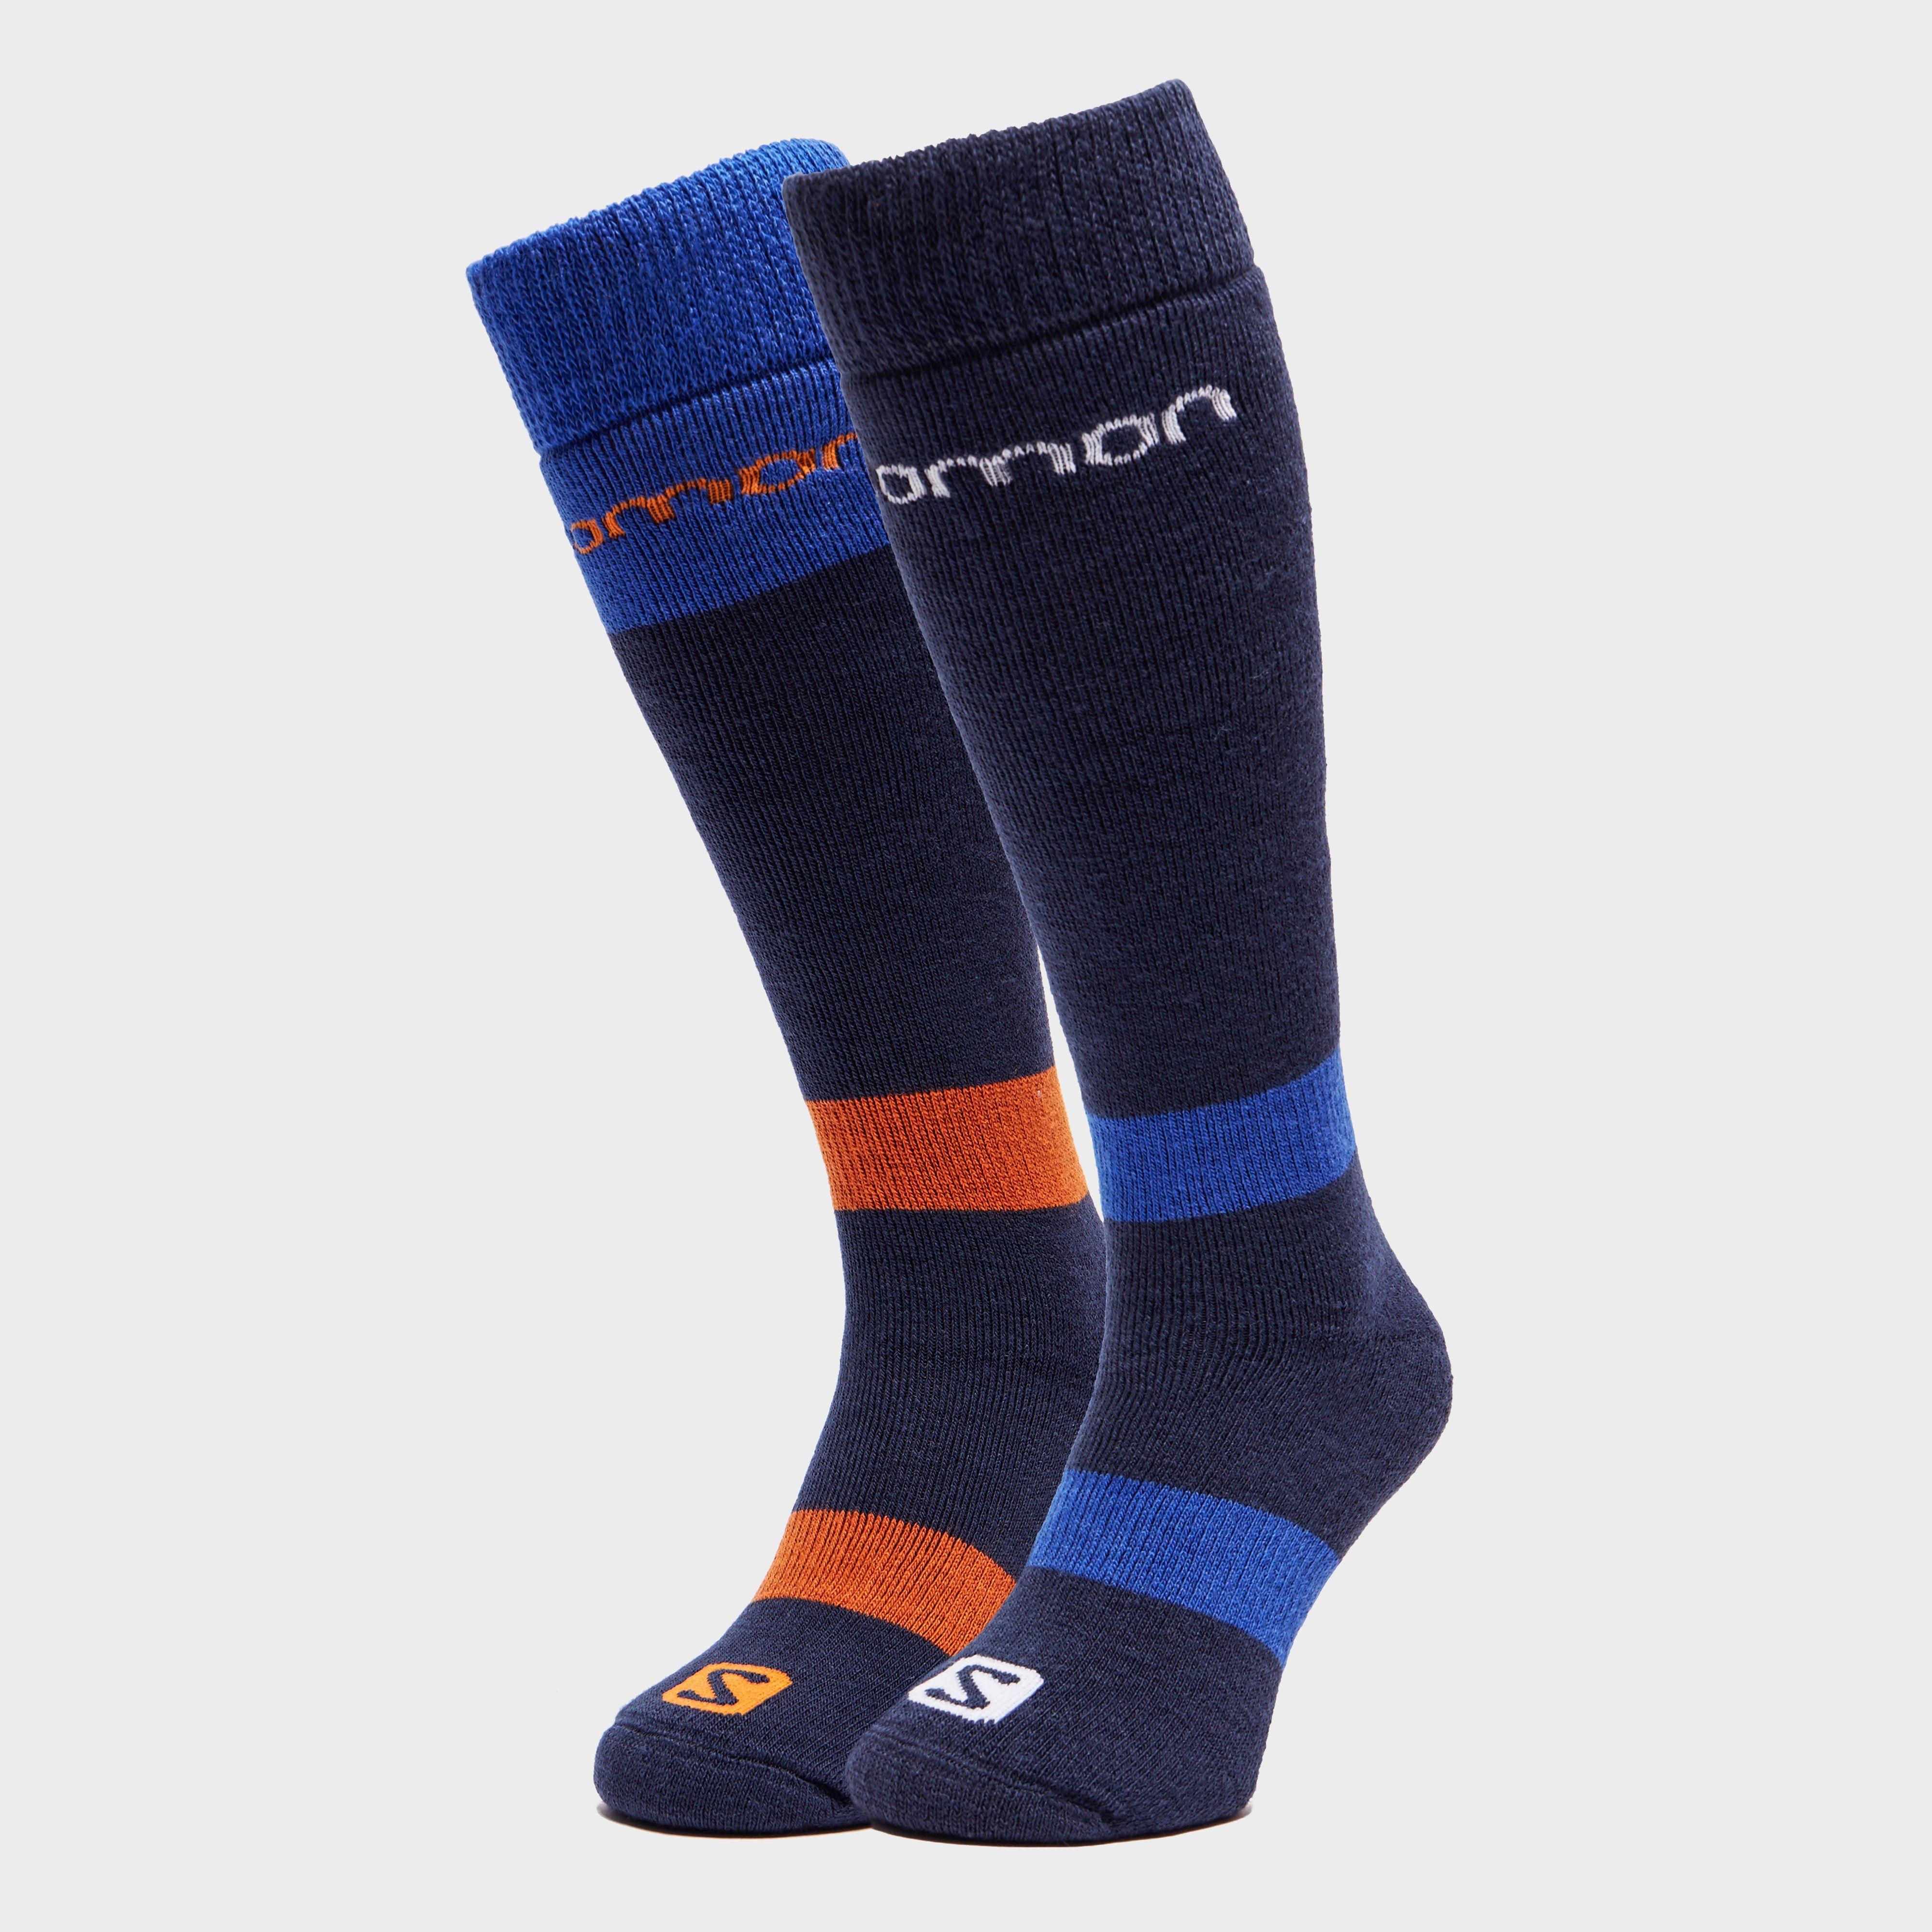 SALOMON SOCKS Men's All Round Ski Sock